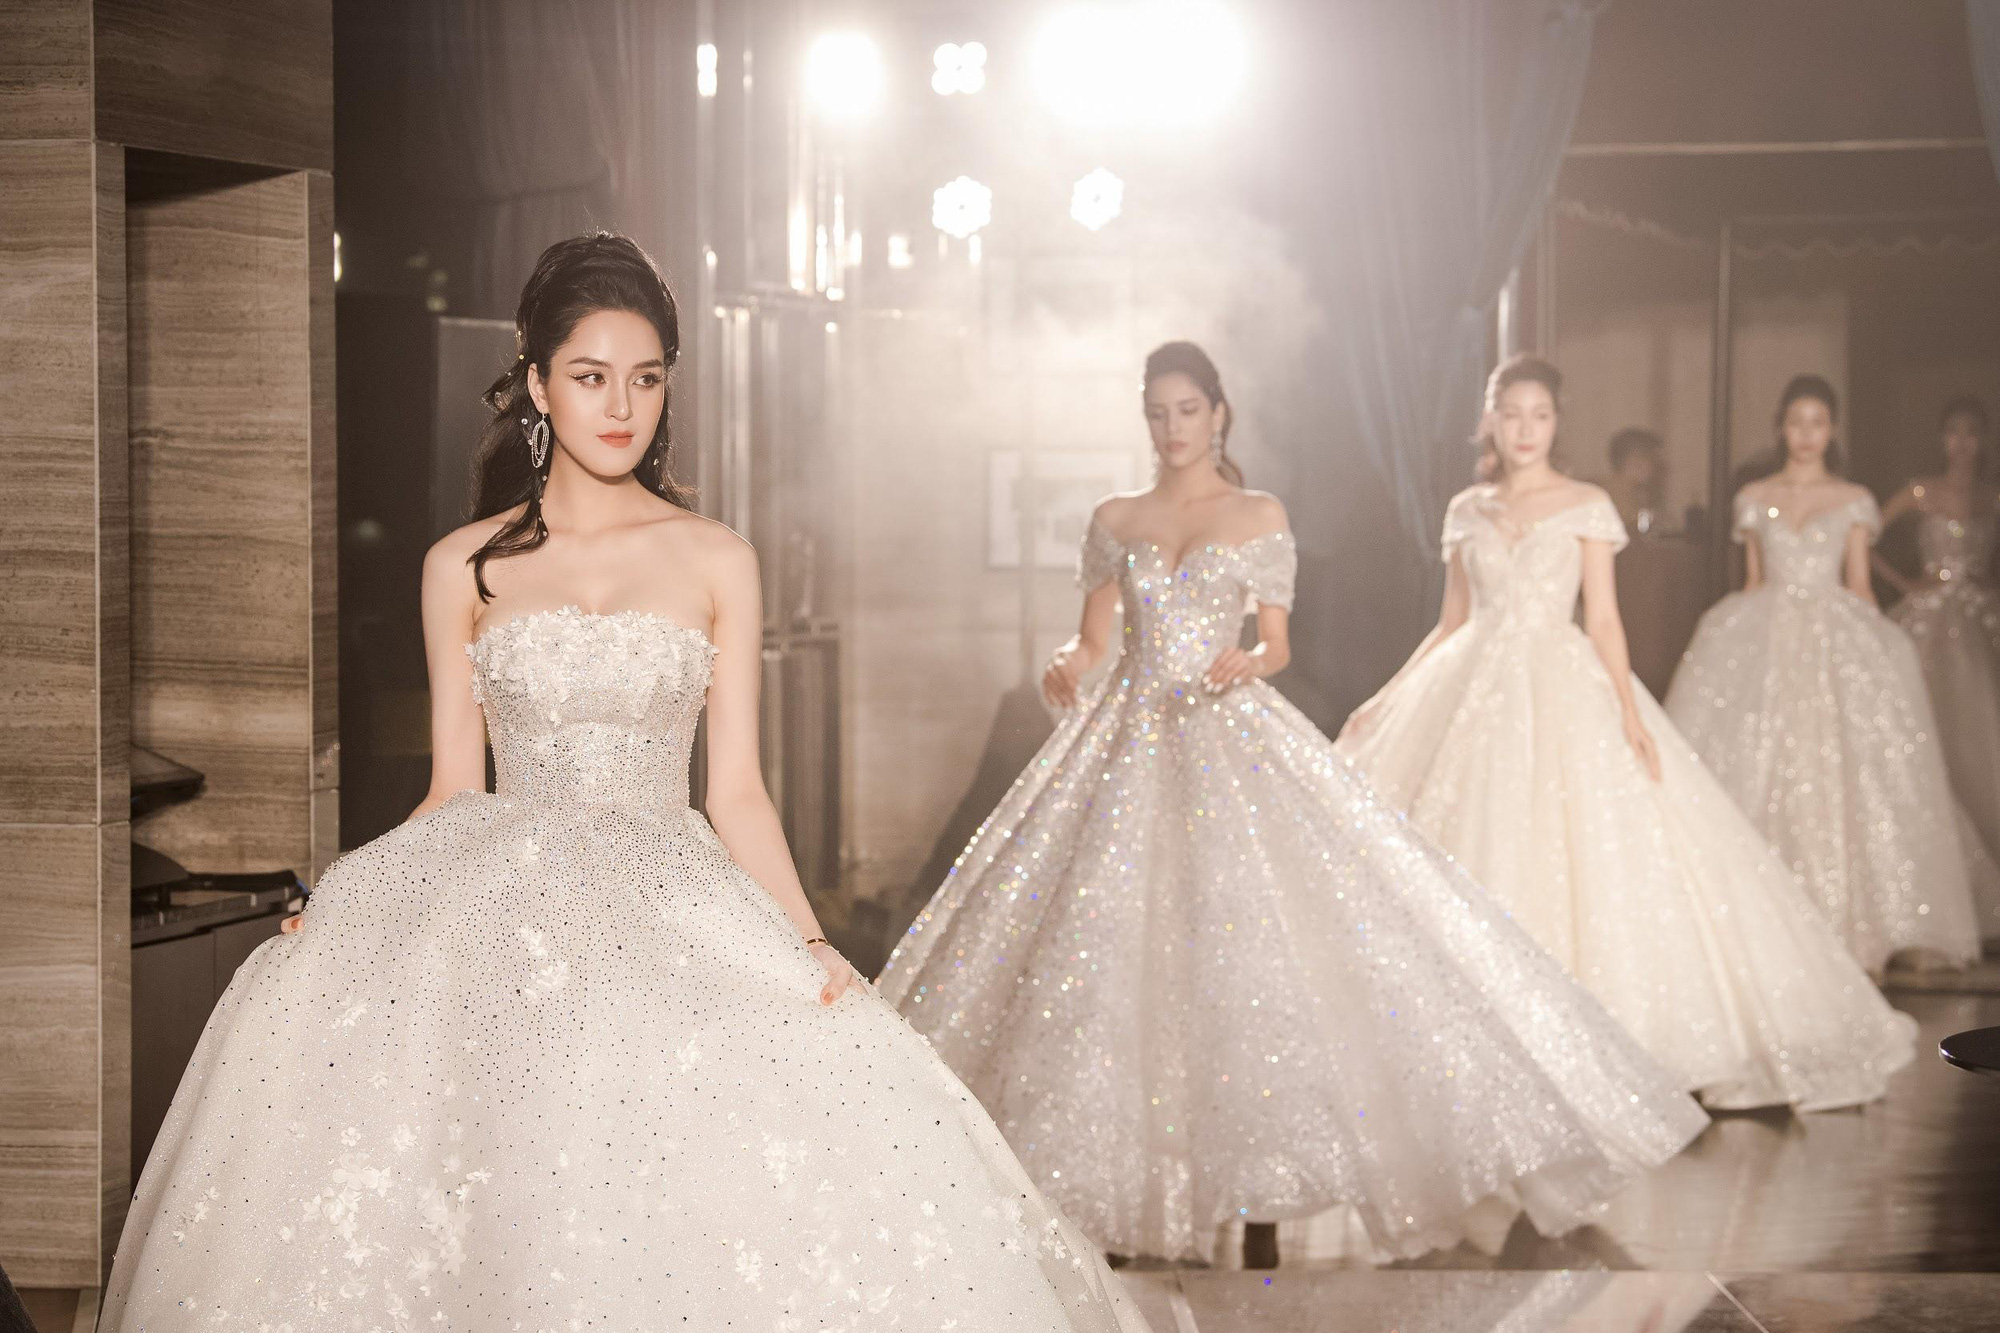 Lecia Bridal ra mắt dòng váy Luxury đính hàng trăm ngàn viên pha lê Swarovski - Ảnh 13.